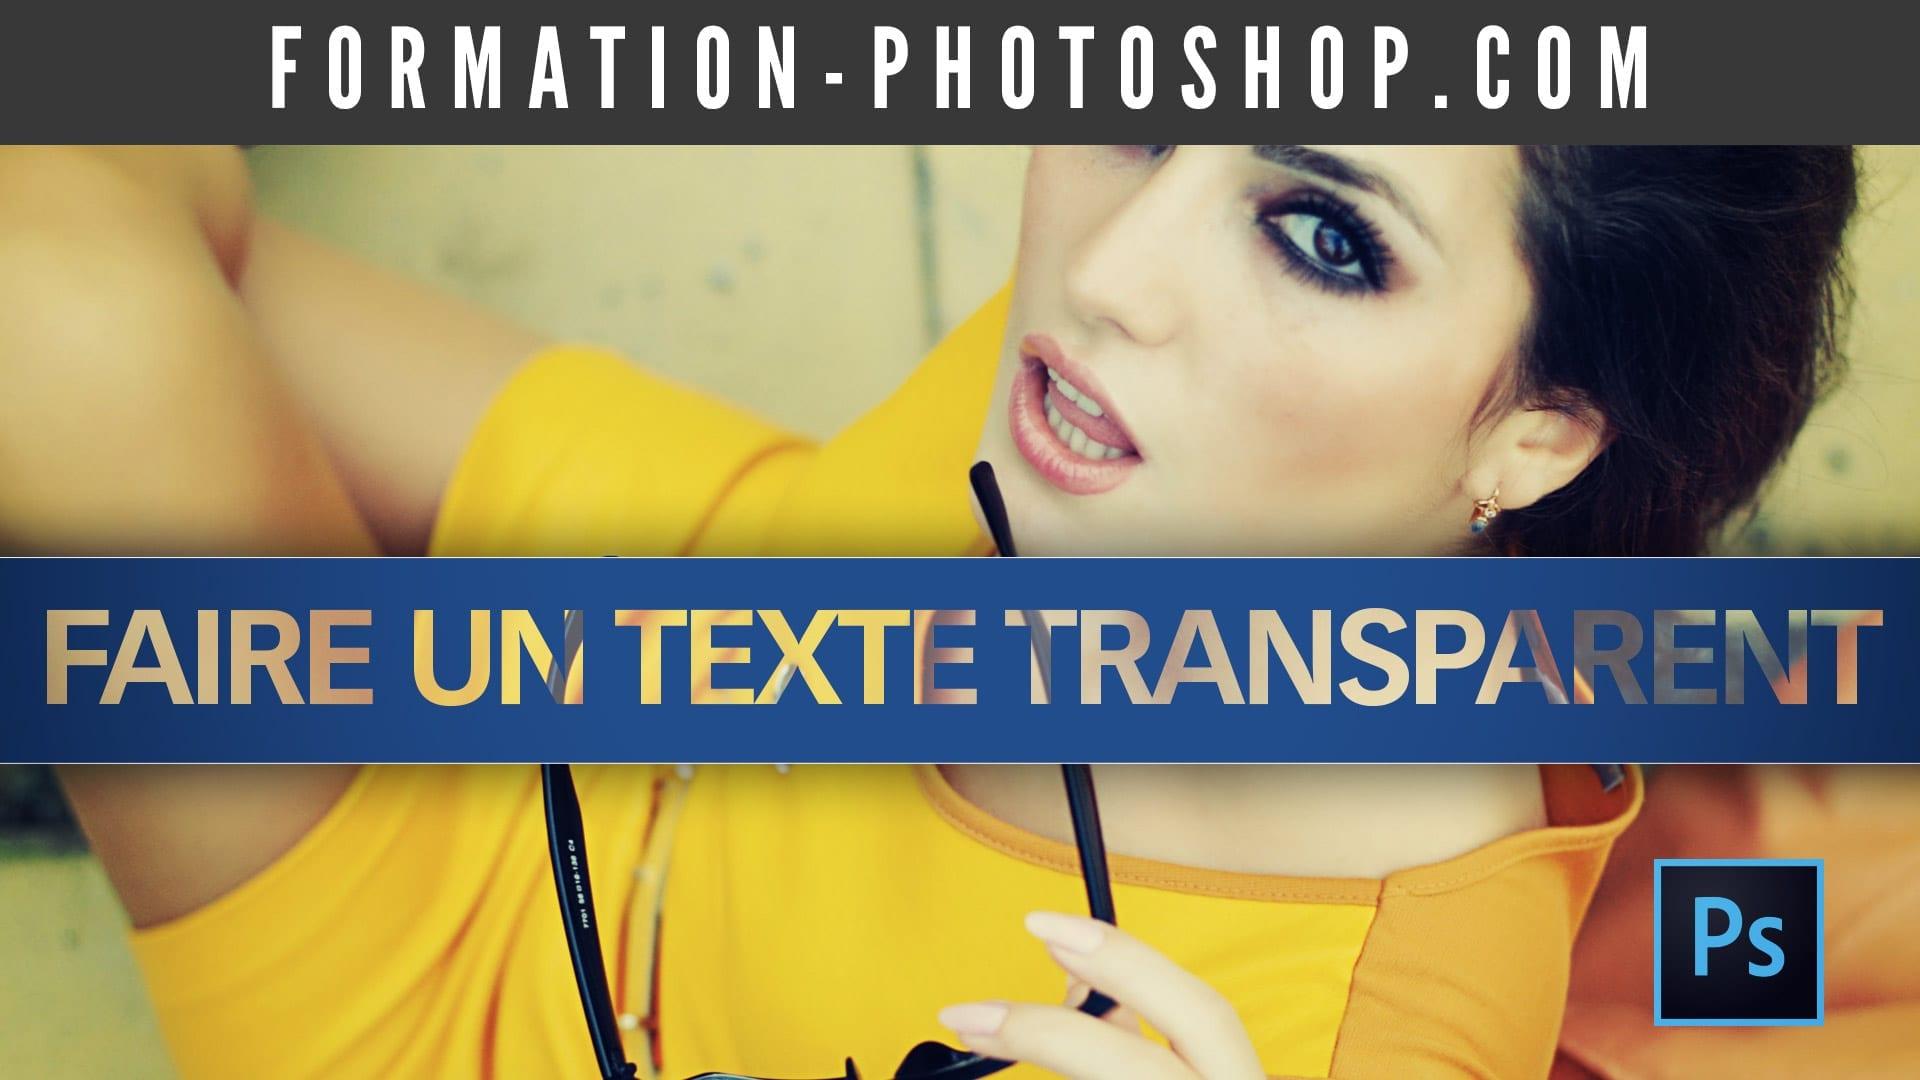 Comment faire un texte transparent dans Photoshop ?